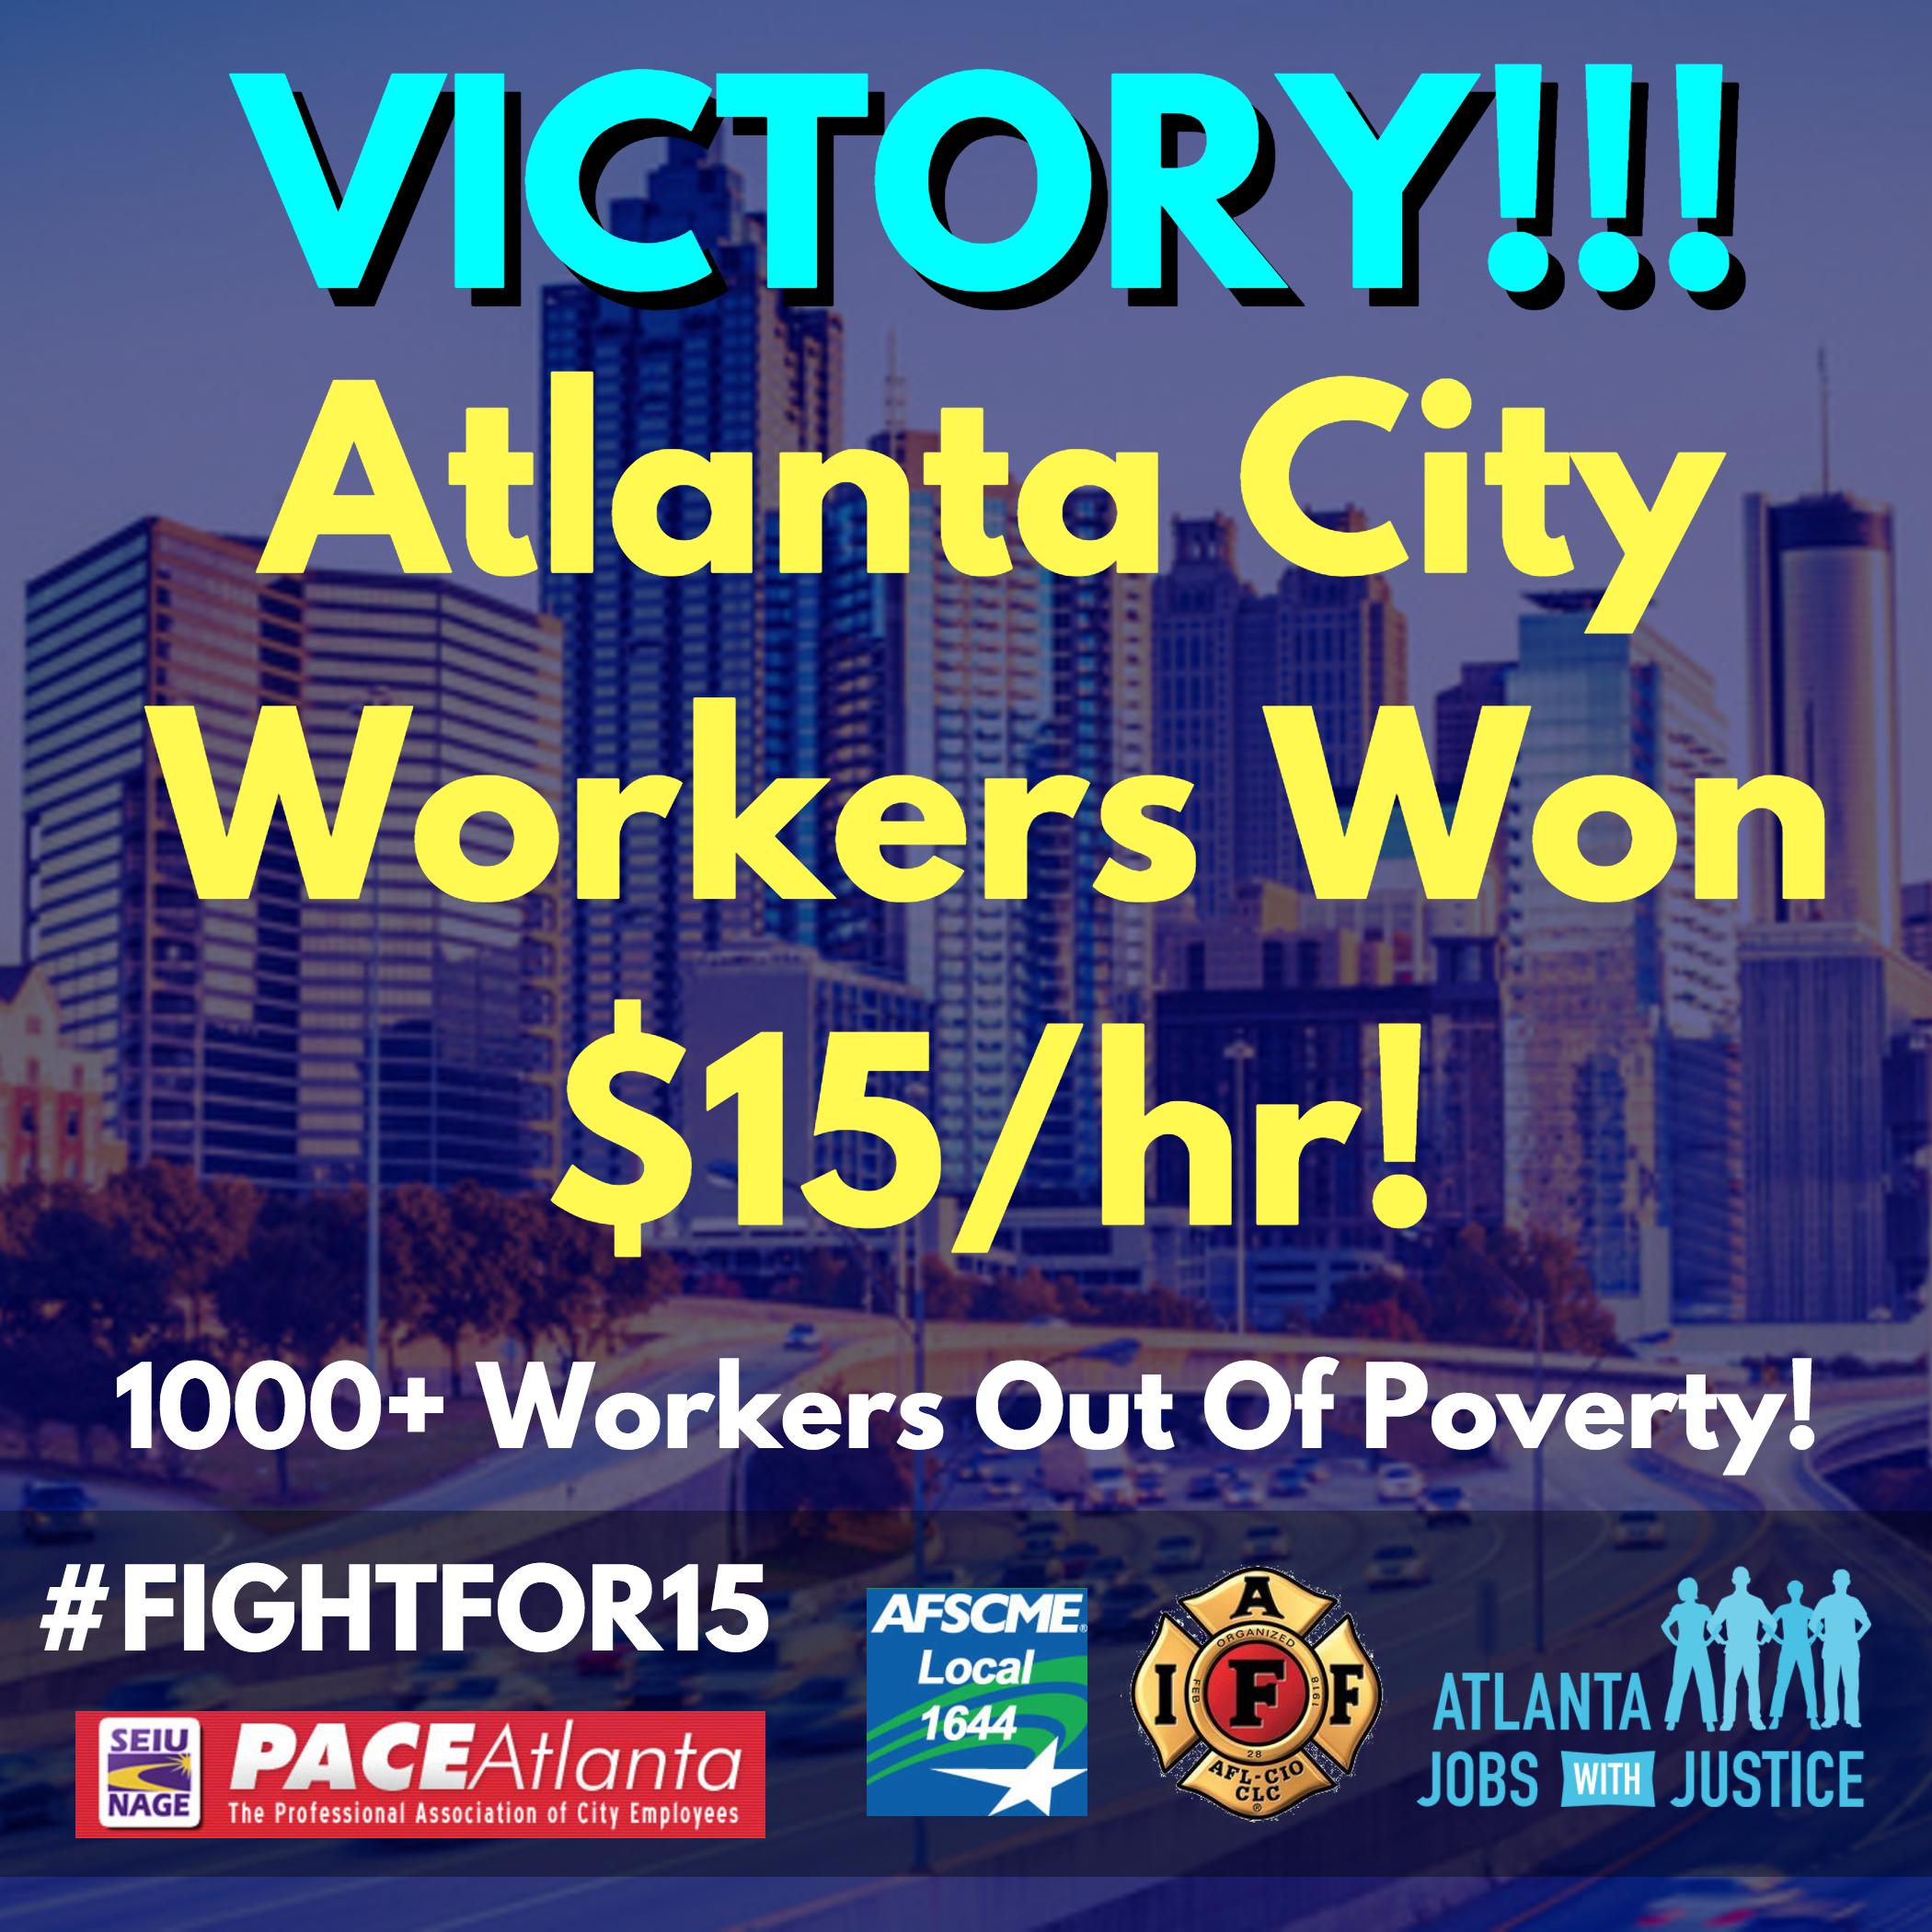 Atlanta City Workers Win $15/hr! | Metro Atlanta DSA